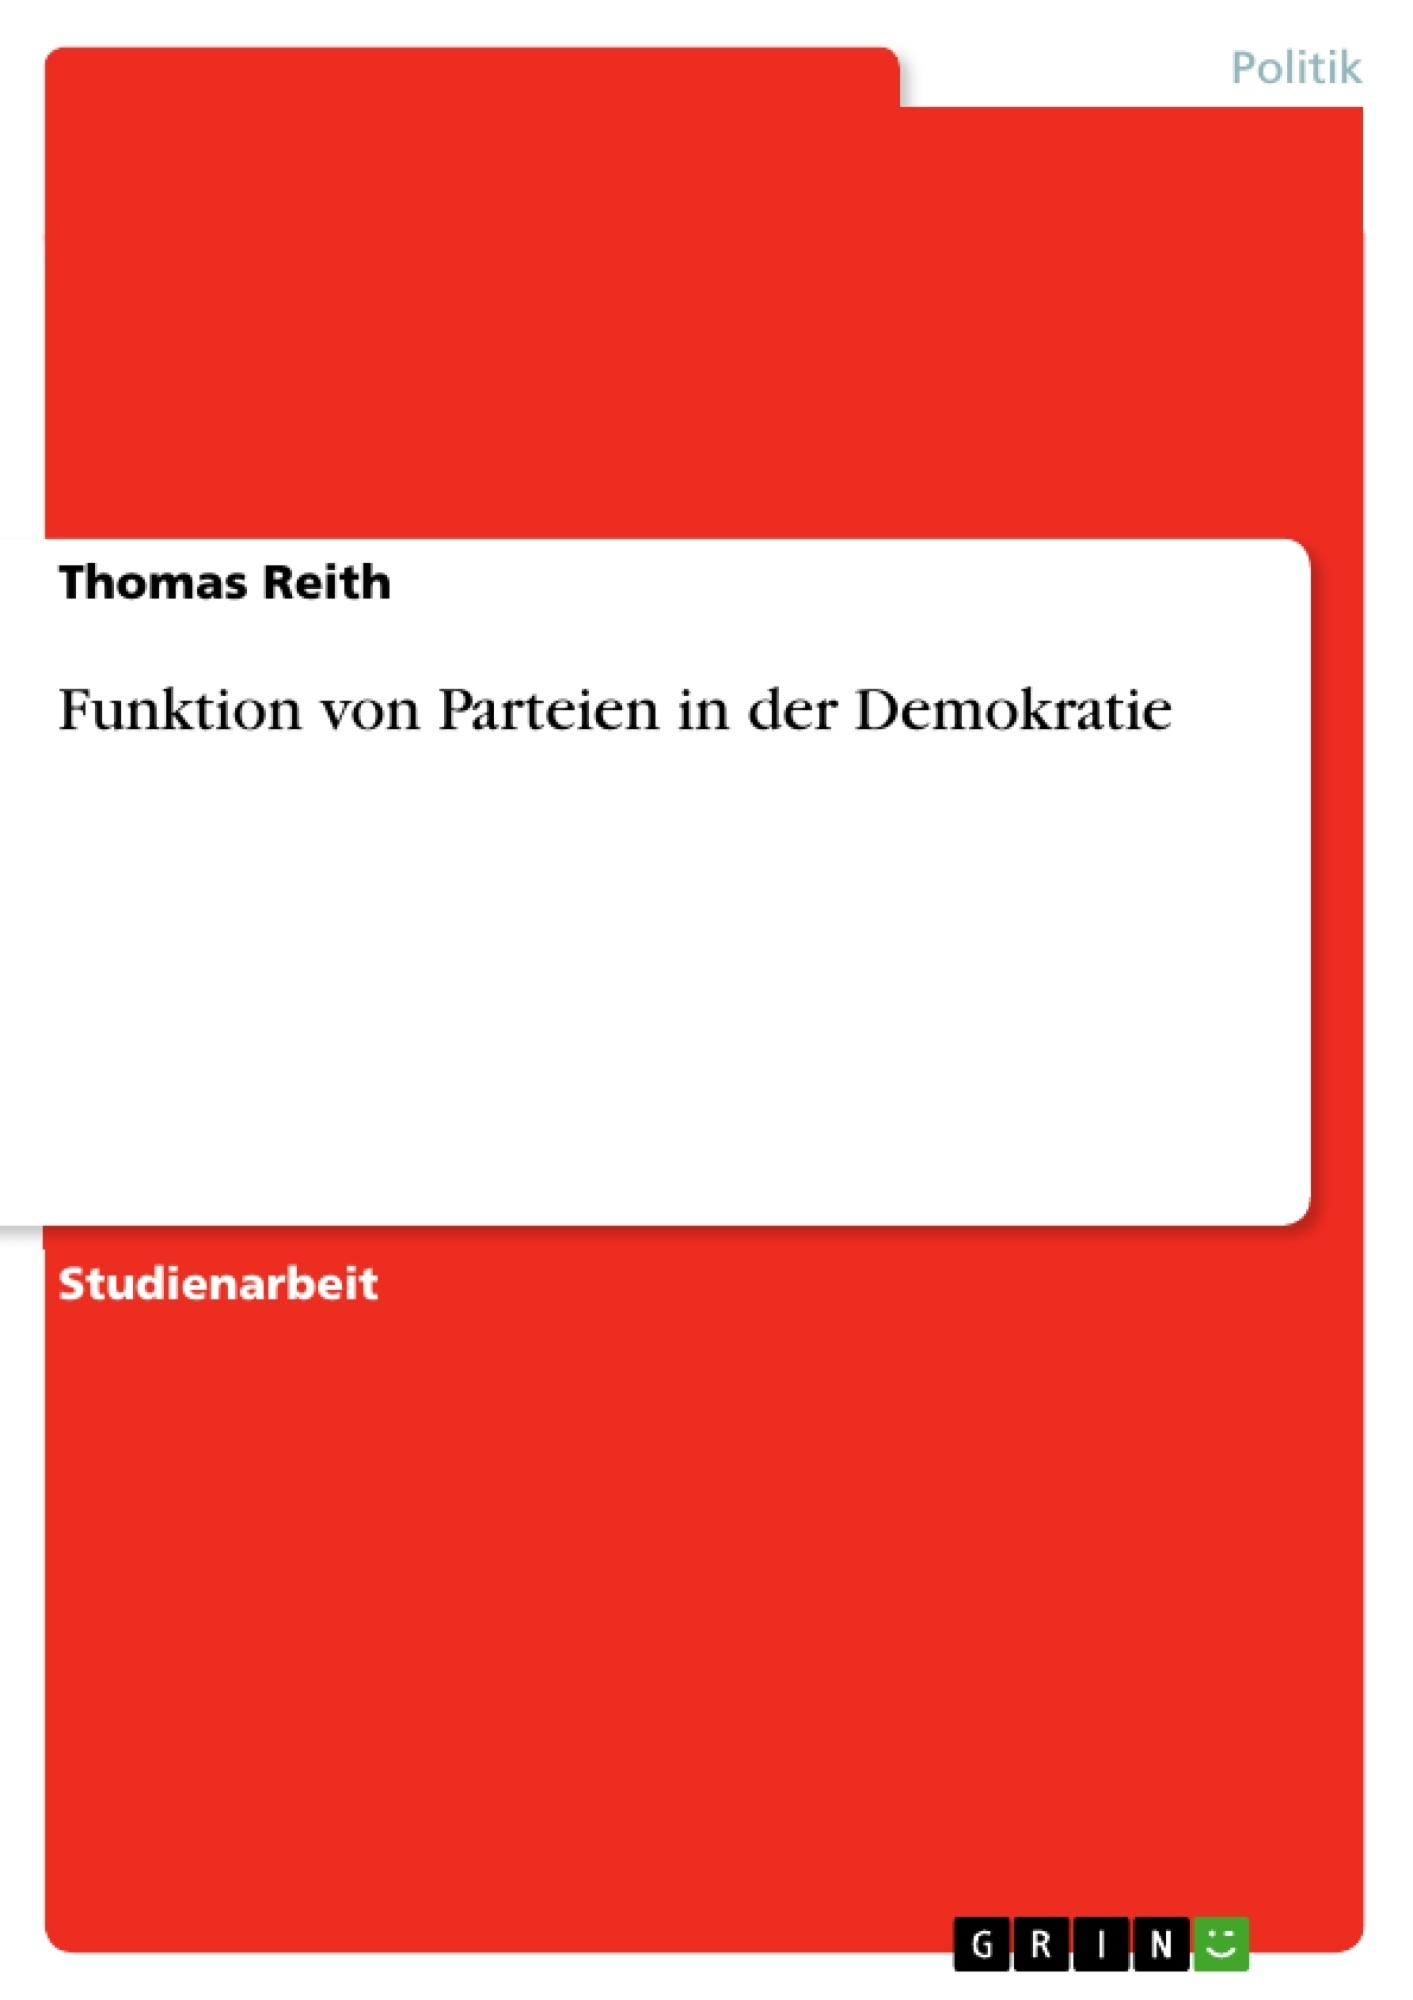 Titel: Funktion von Parteien in der Demokratie